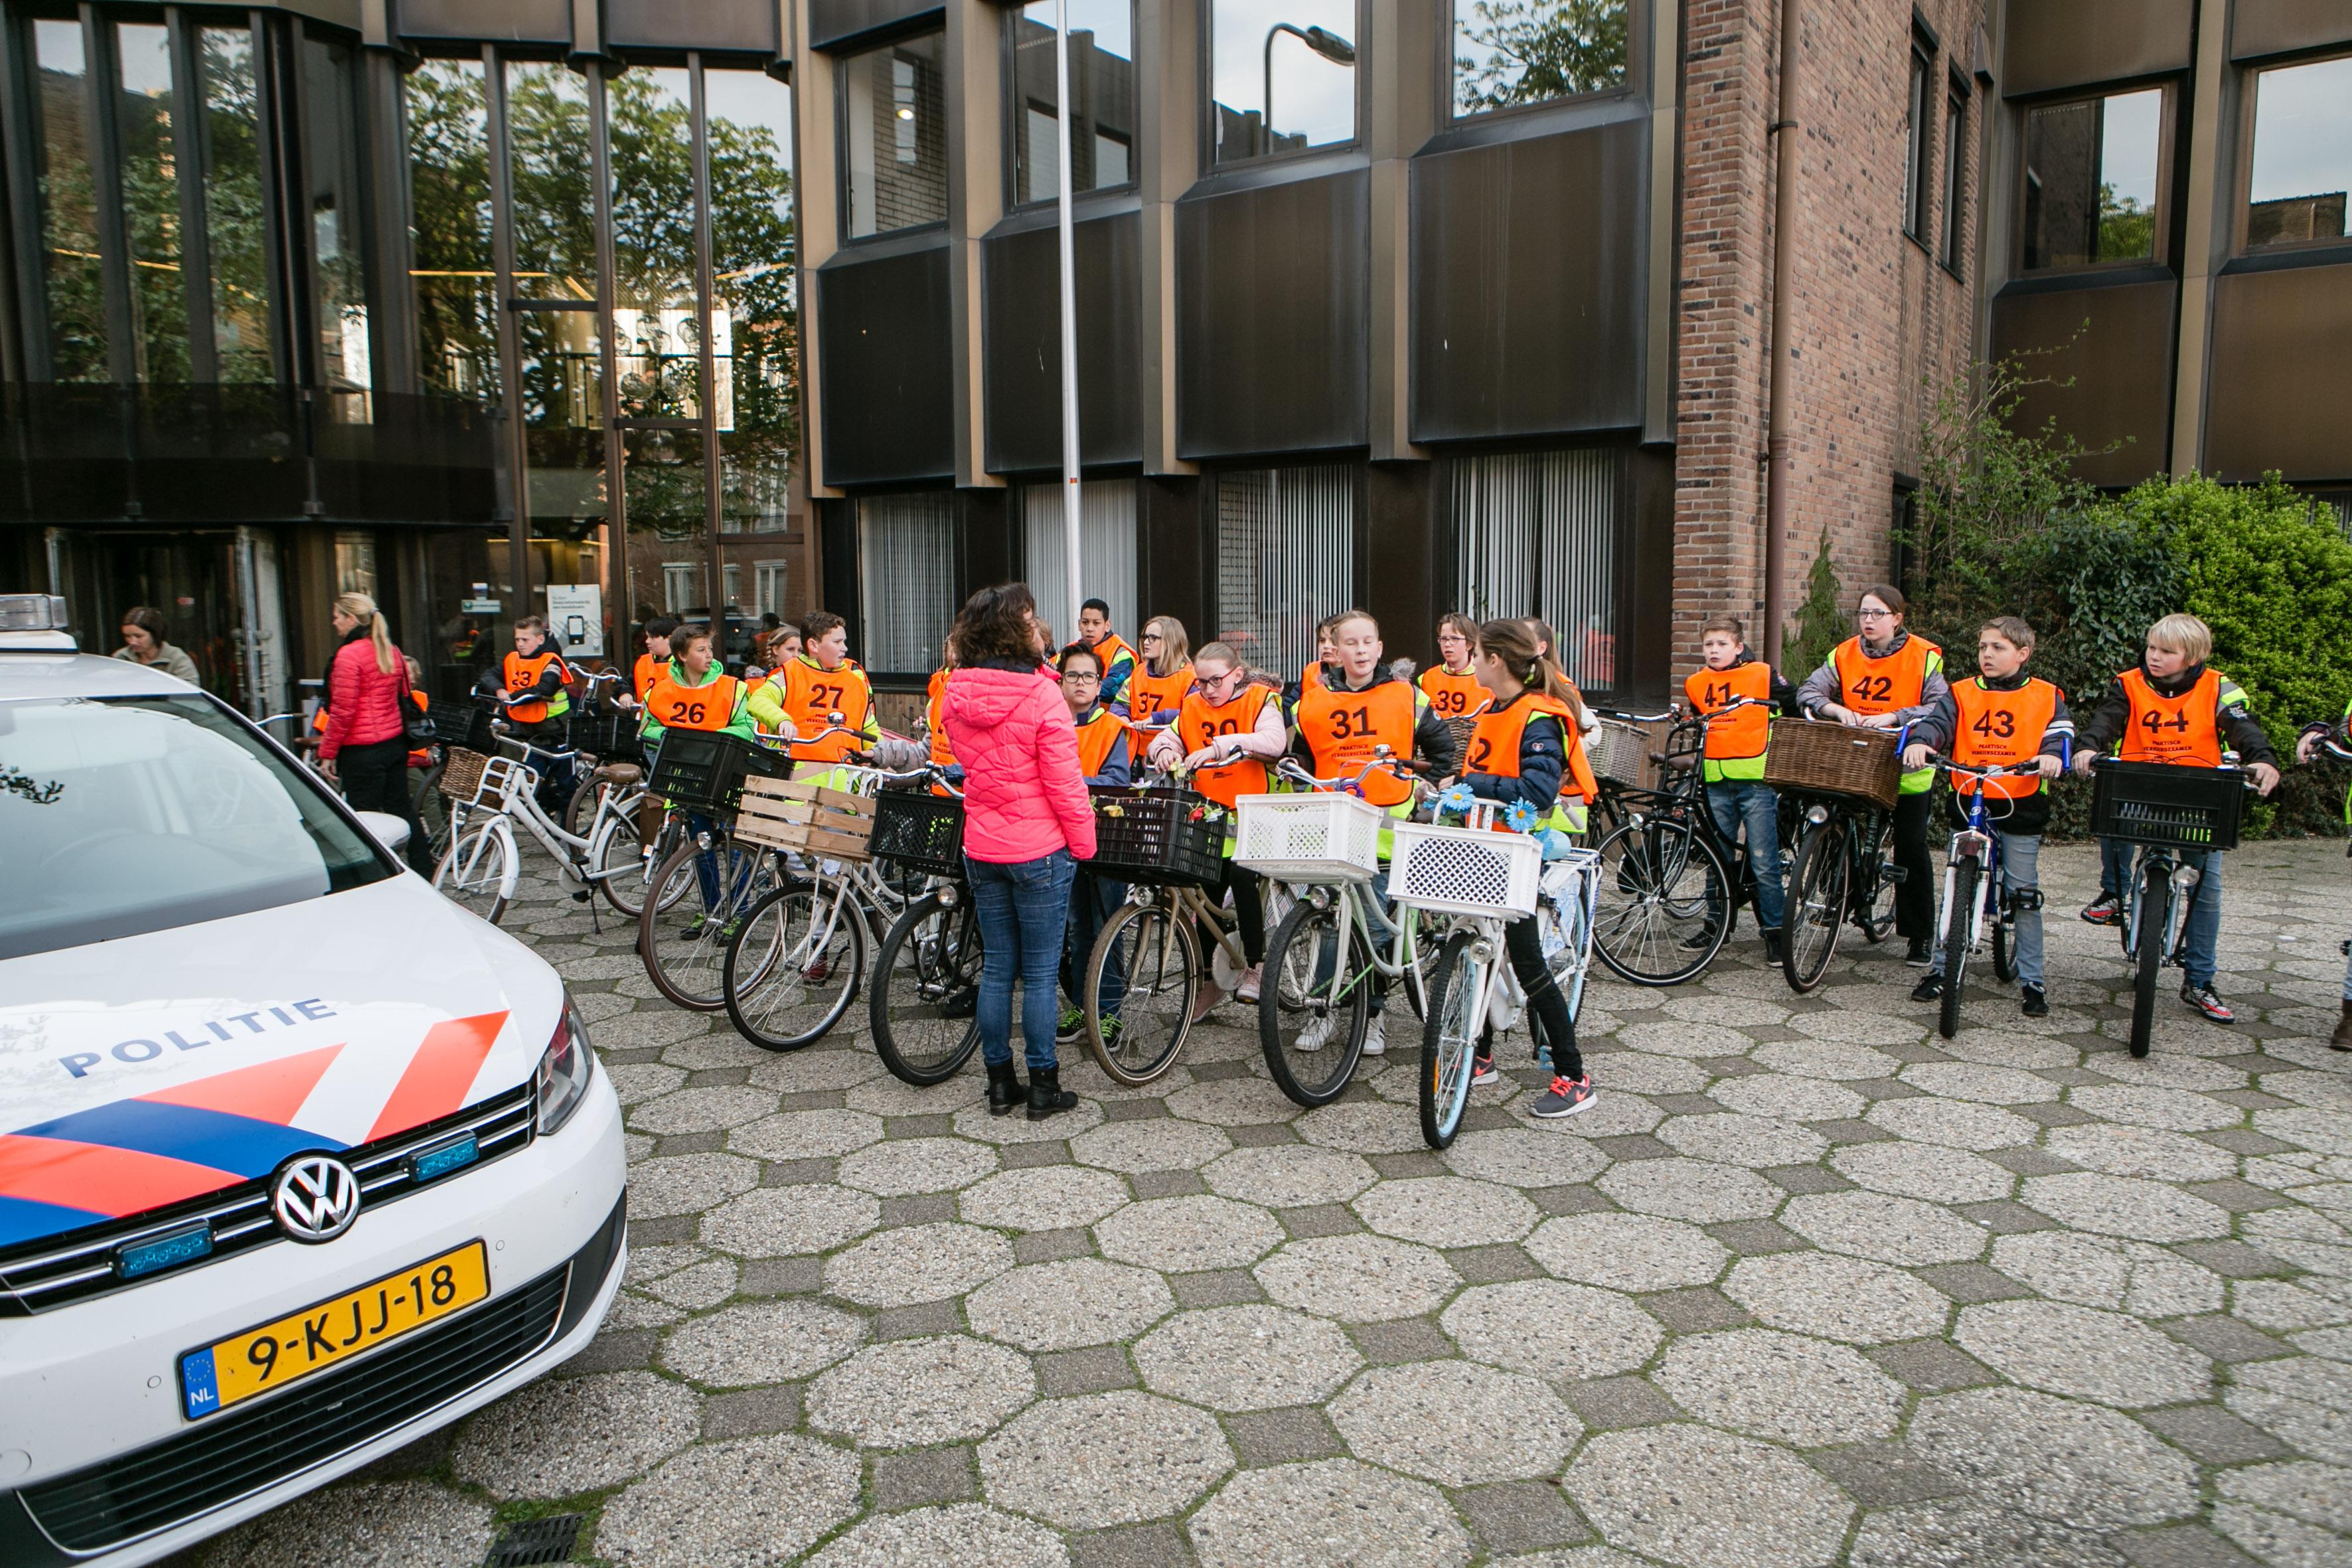 verkeersexamen foto eric van nieuwland 074329